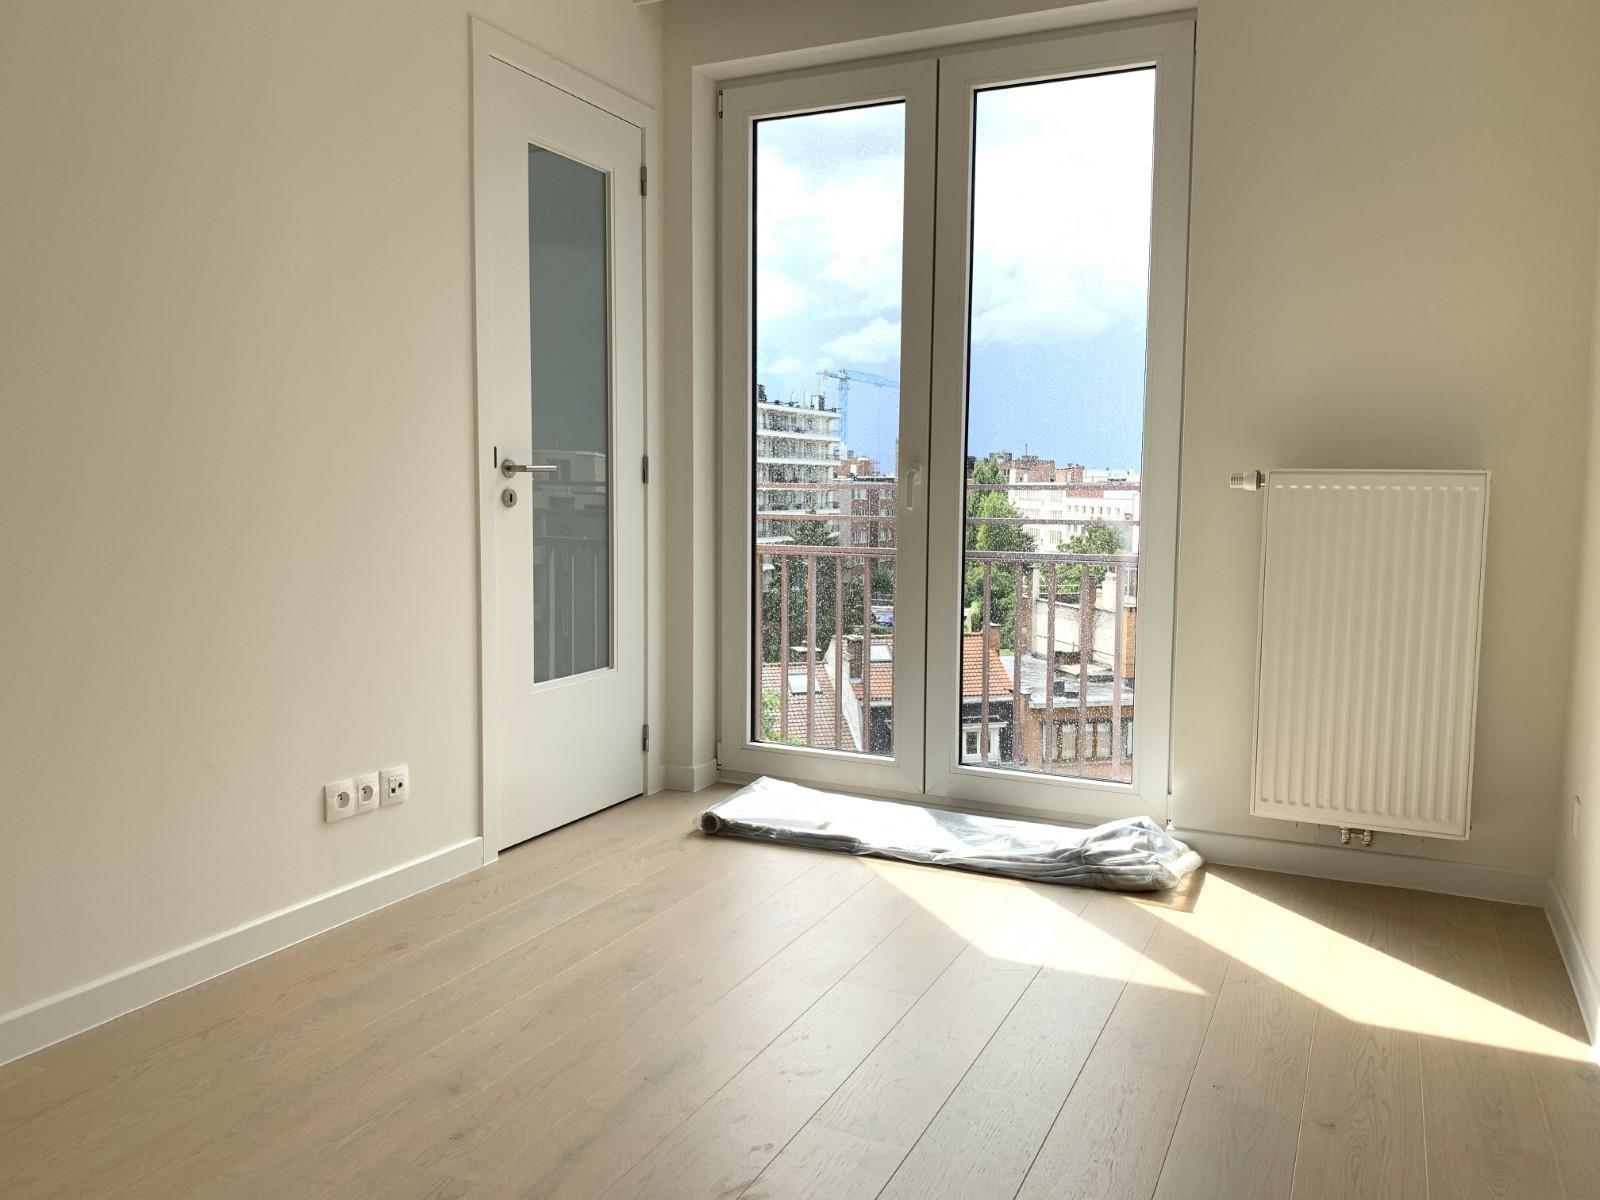 Uitzonderlijk appartement - Schaerbeek - #3964914-16